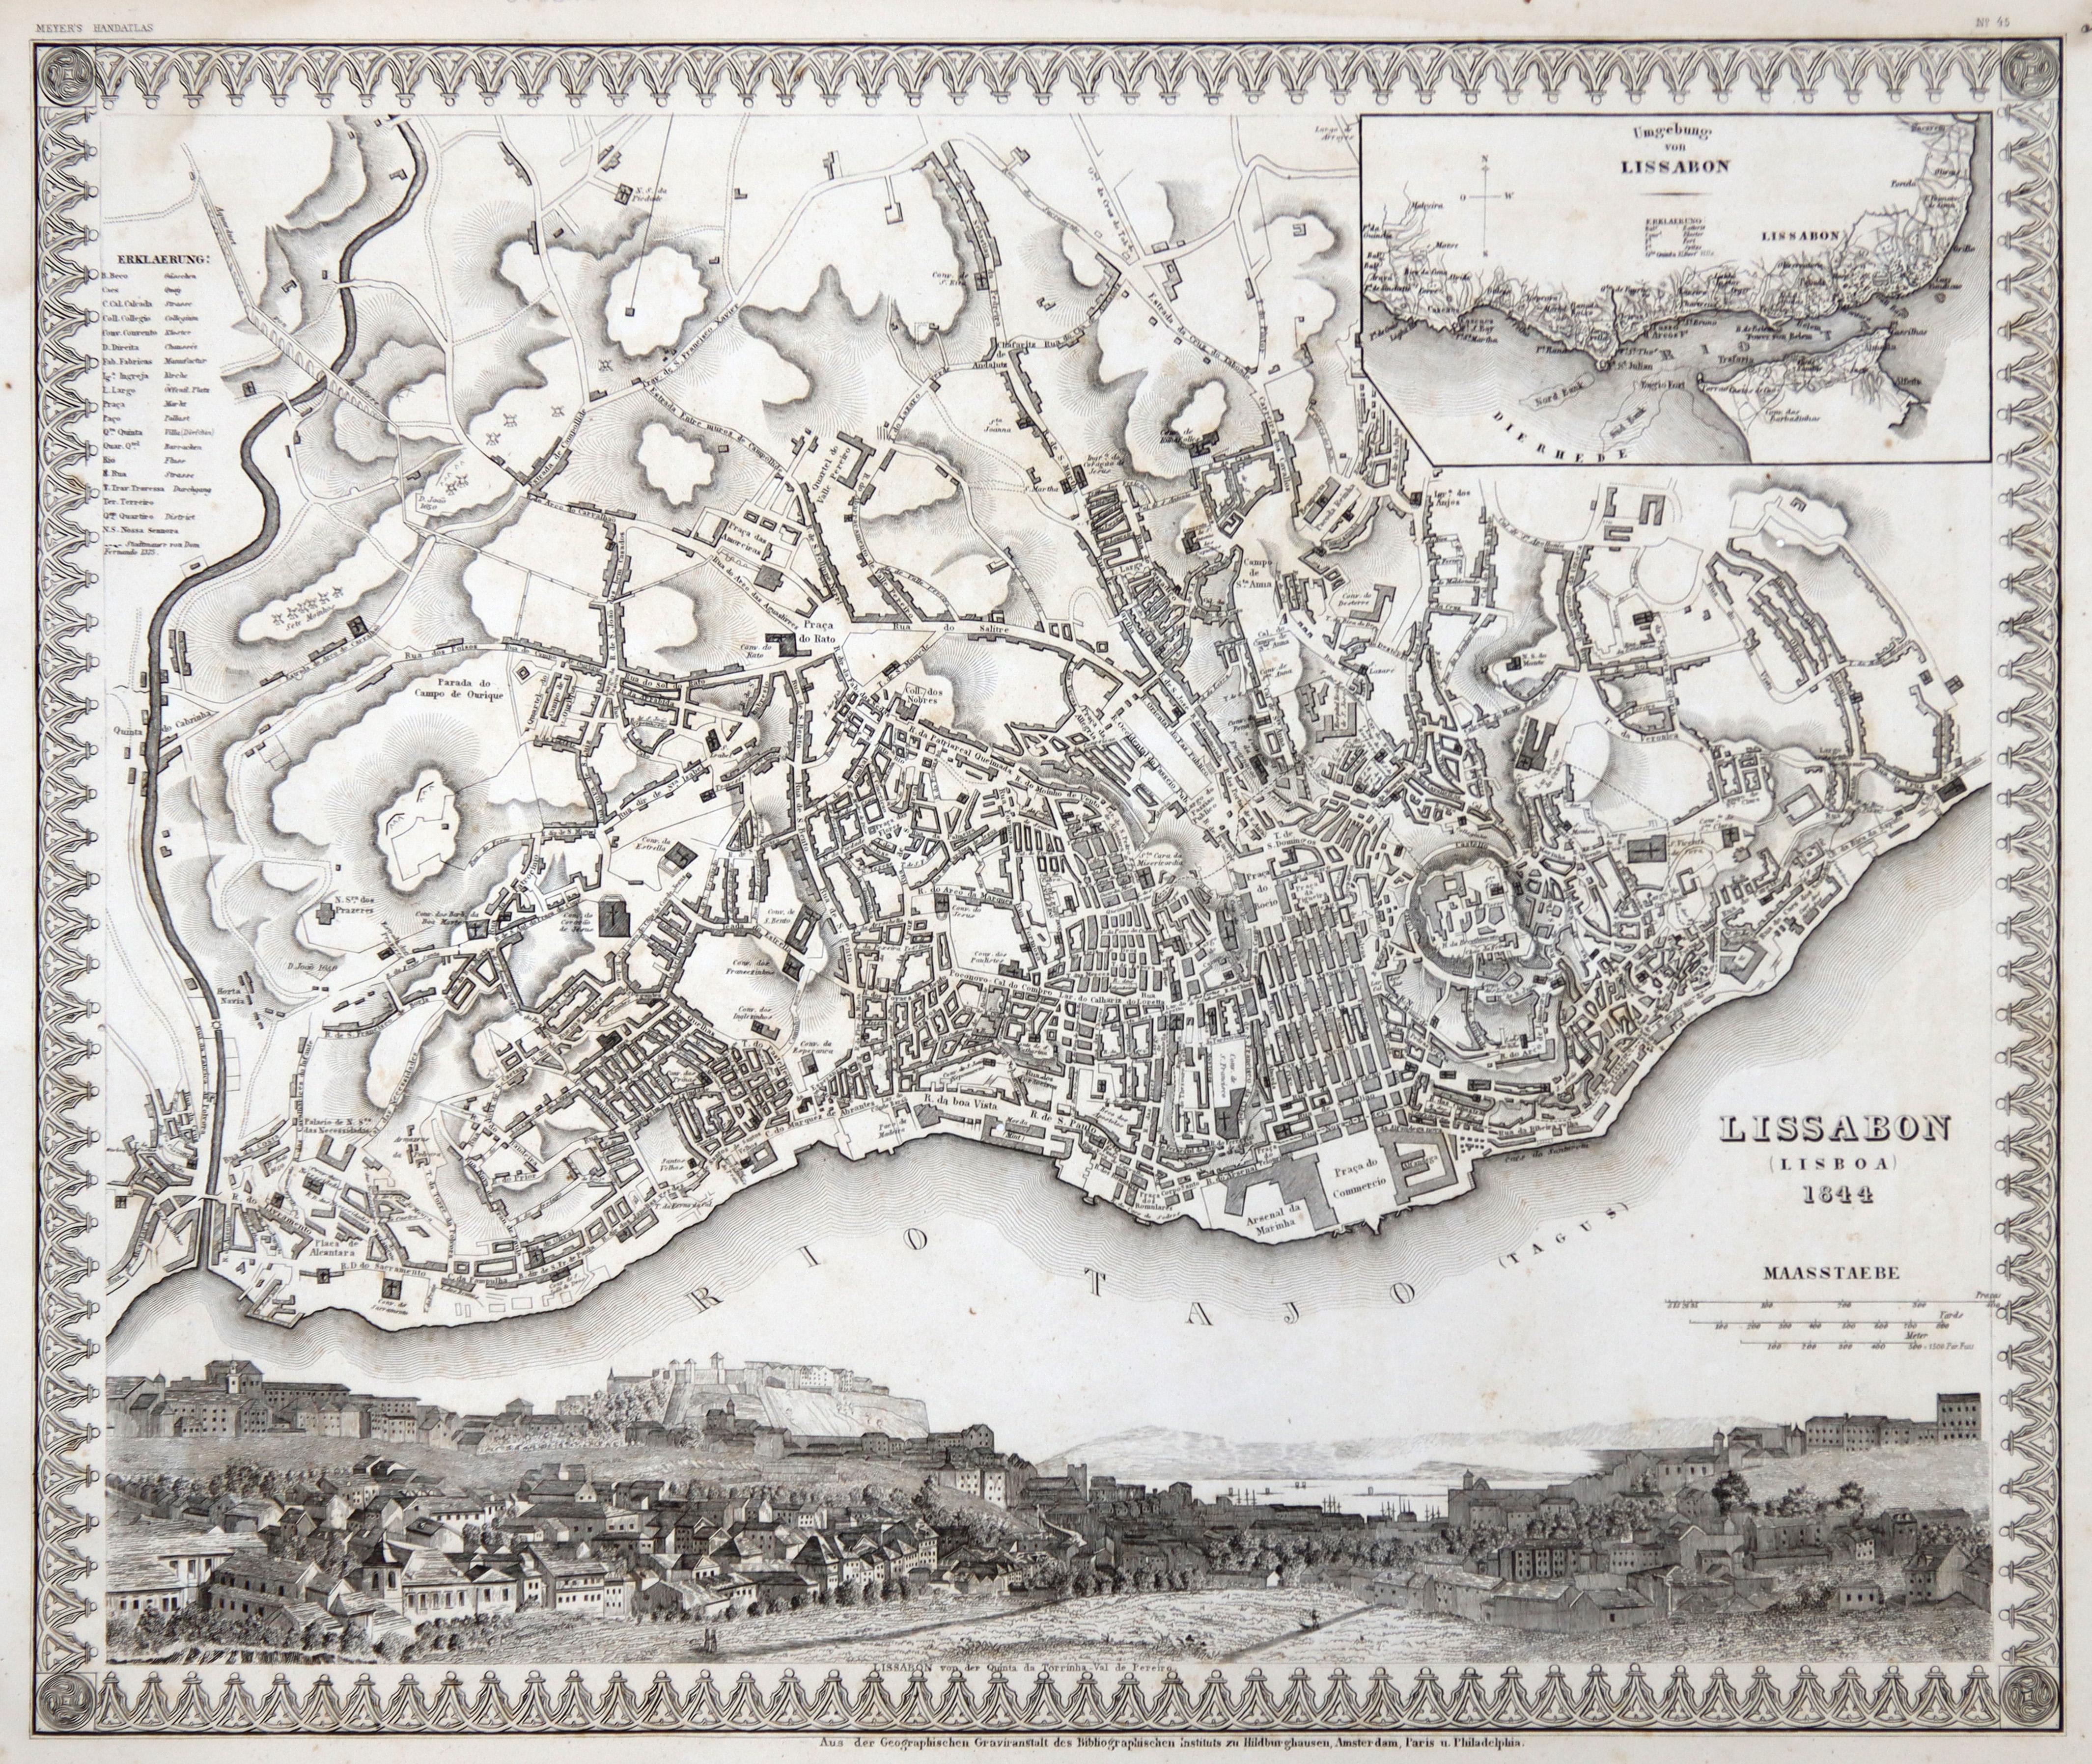 """Stadtplan, darunter schöne panoramaartige Gesamtansicht, """"Lissabon (Lisboa): Lissabon ( Lisboa"""